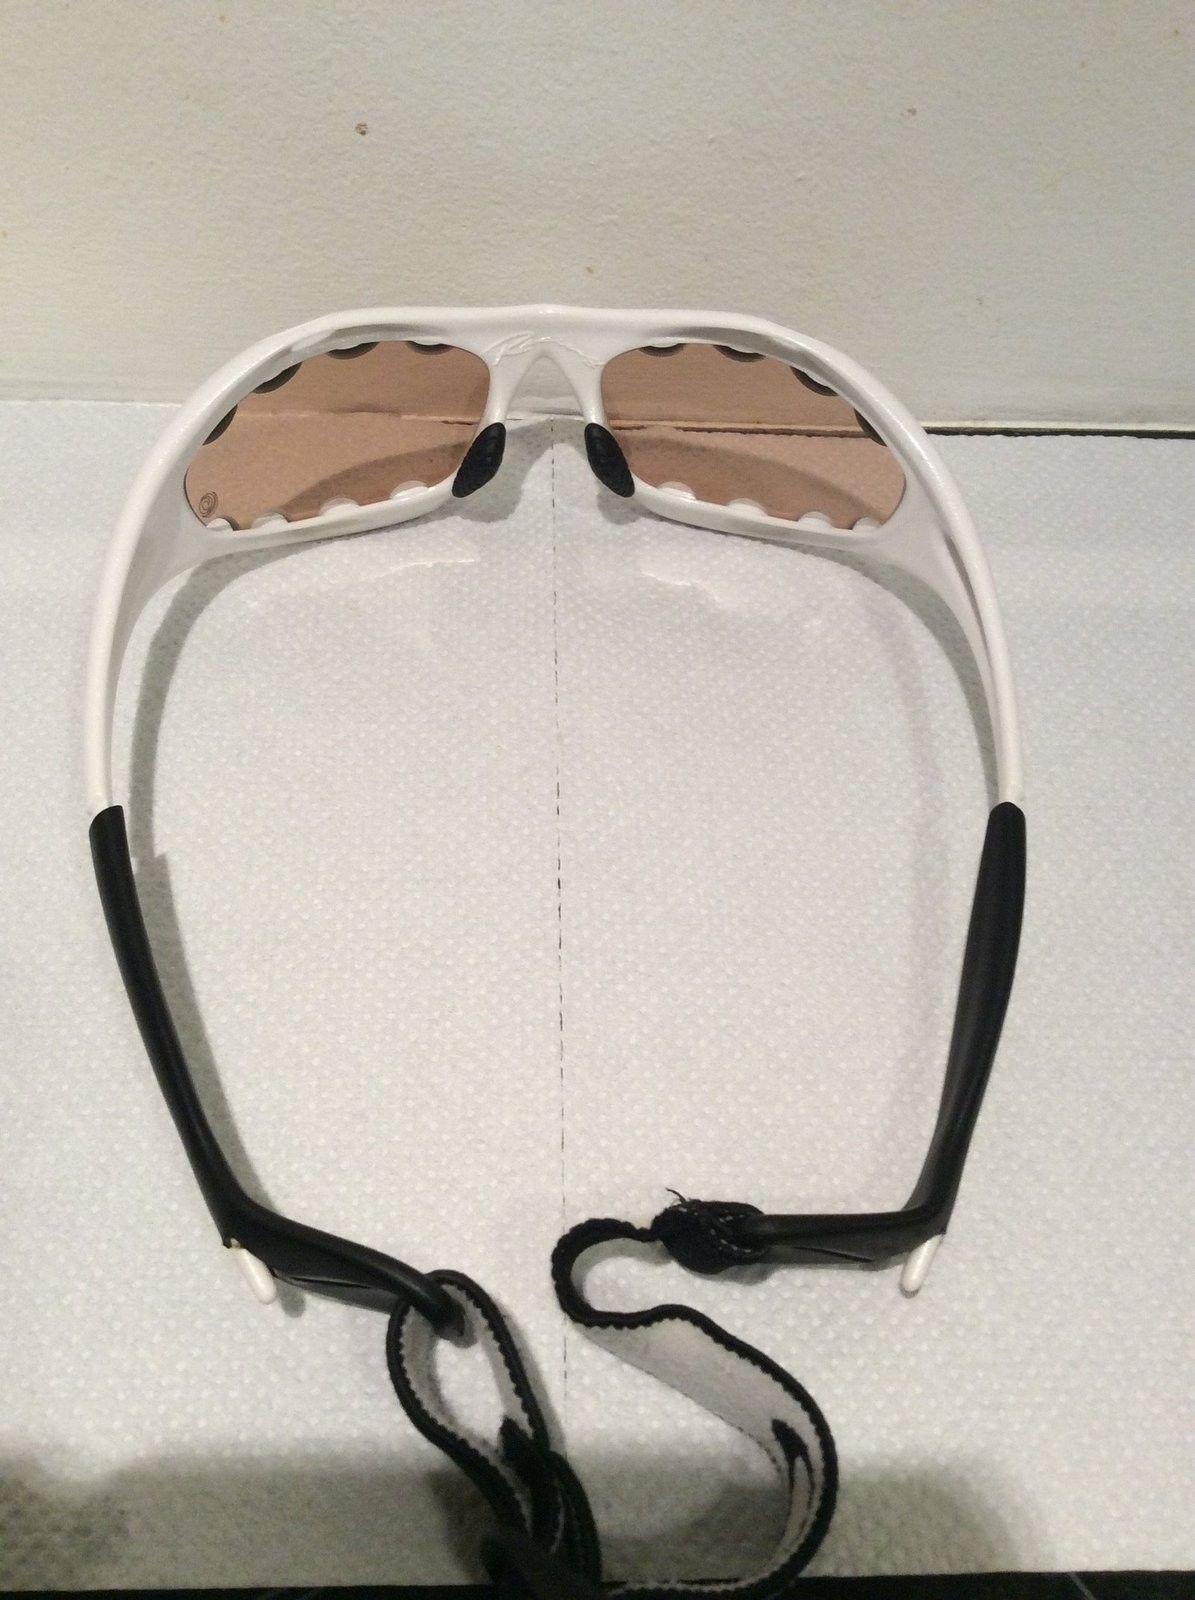 Pro Racing Jacket Pearl/VR50 USED - Final price 150 $ - image.jpg